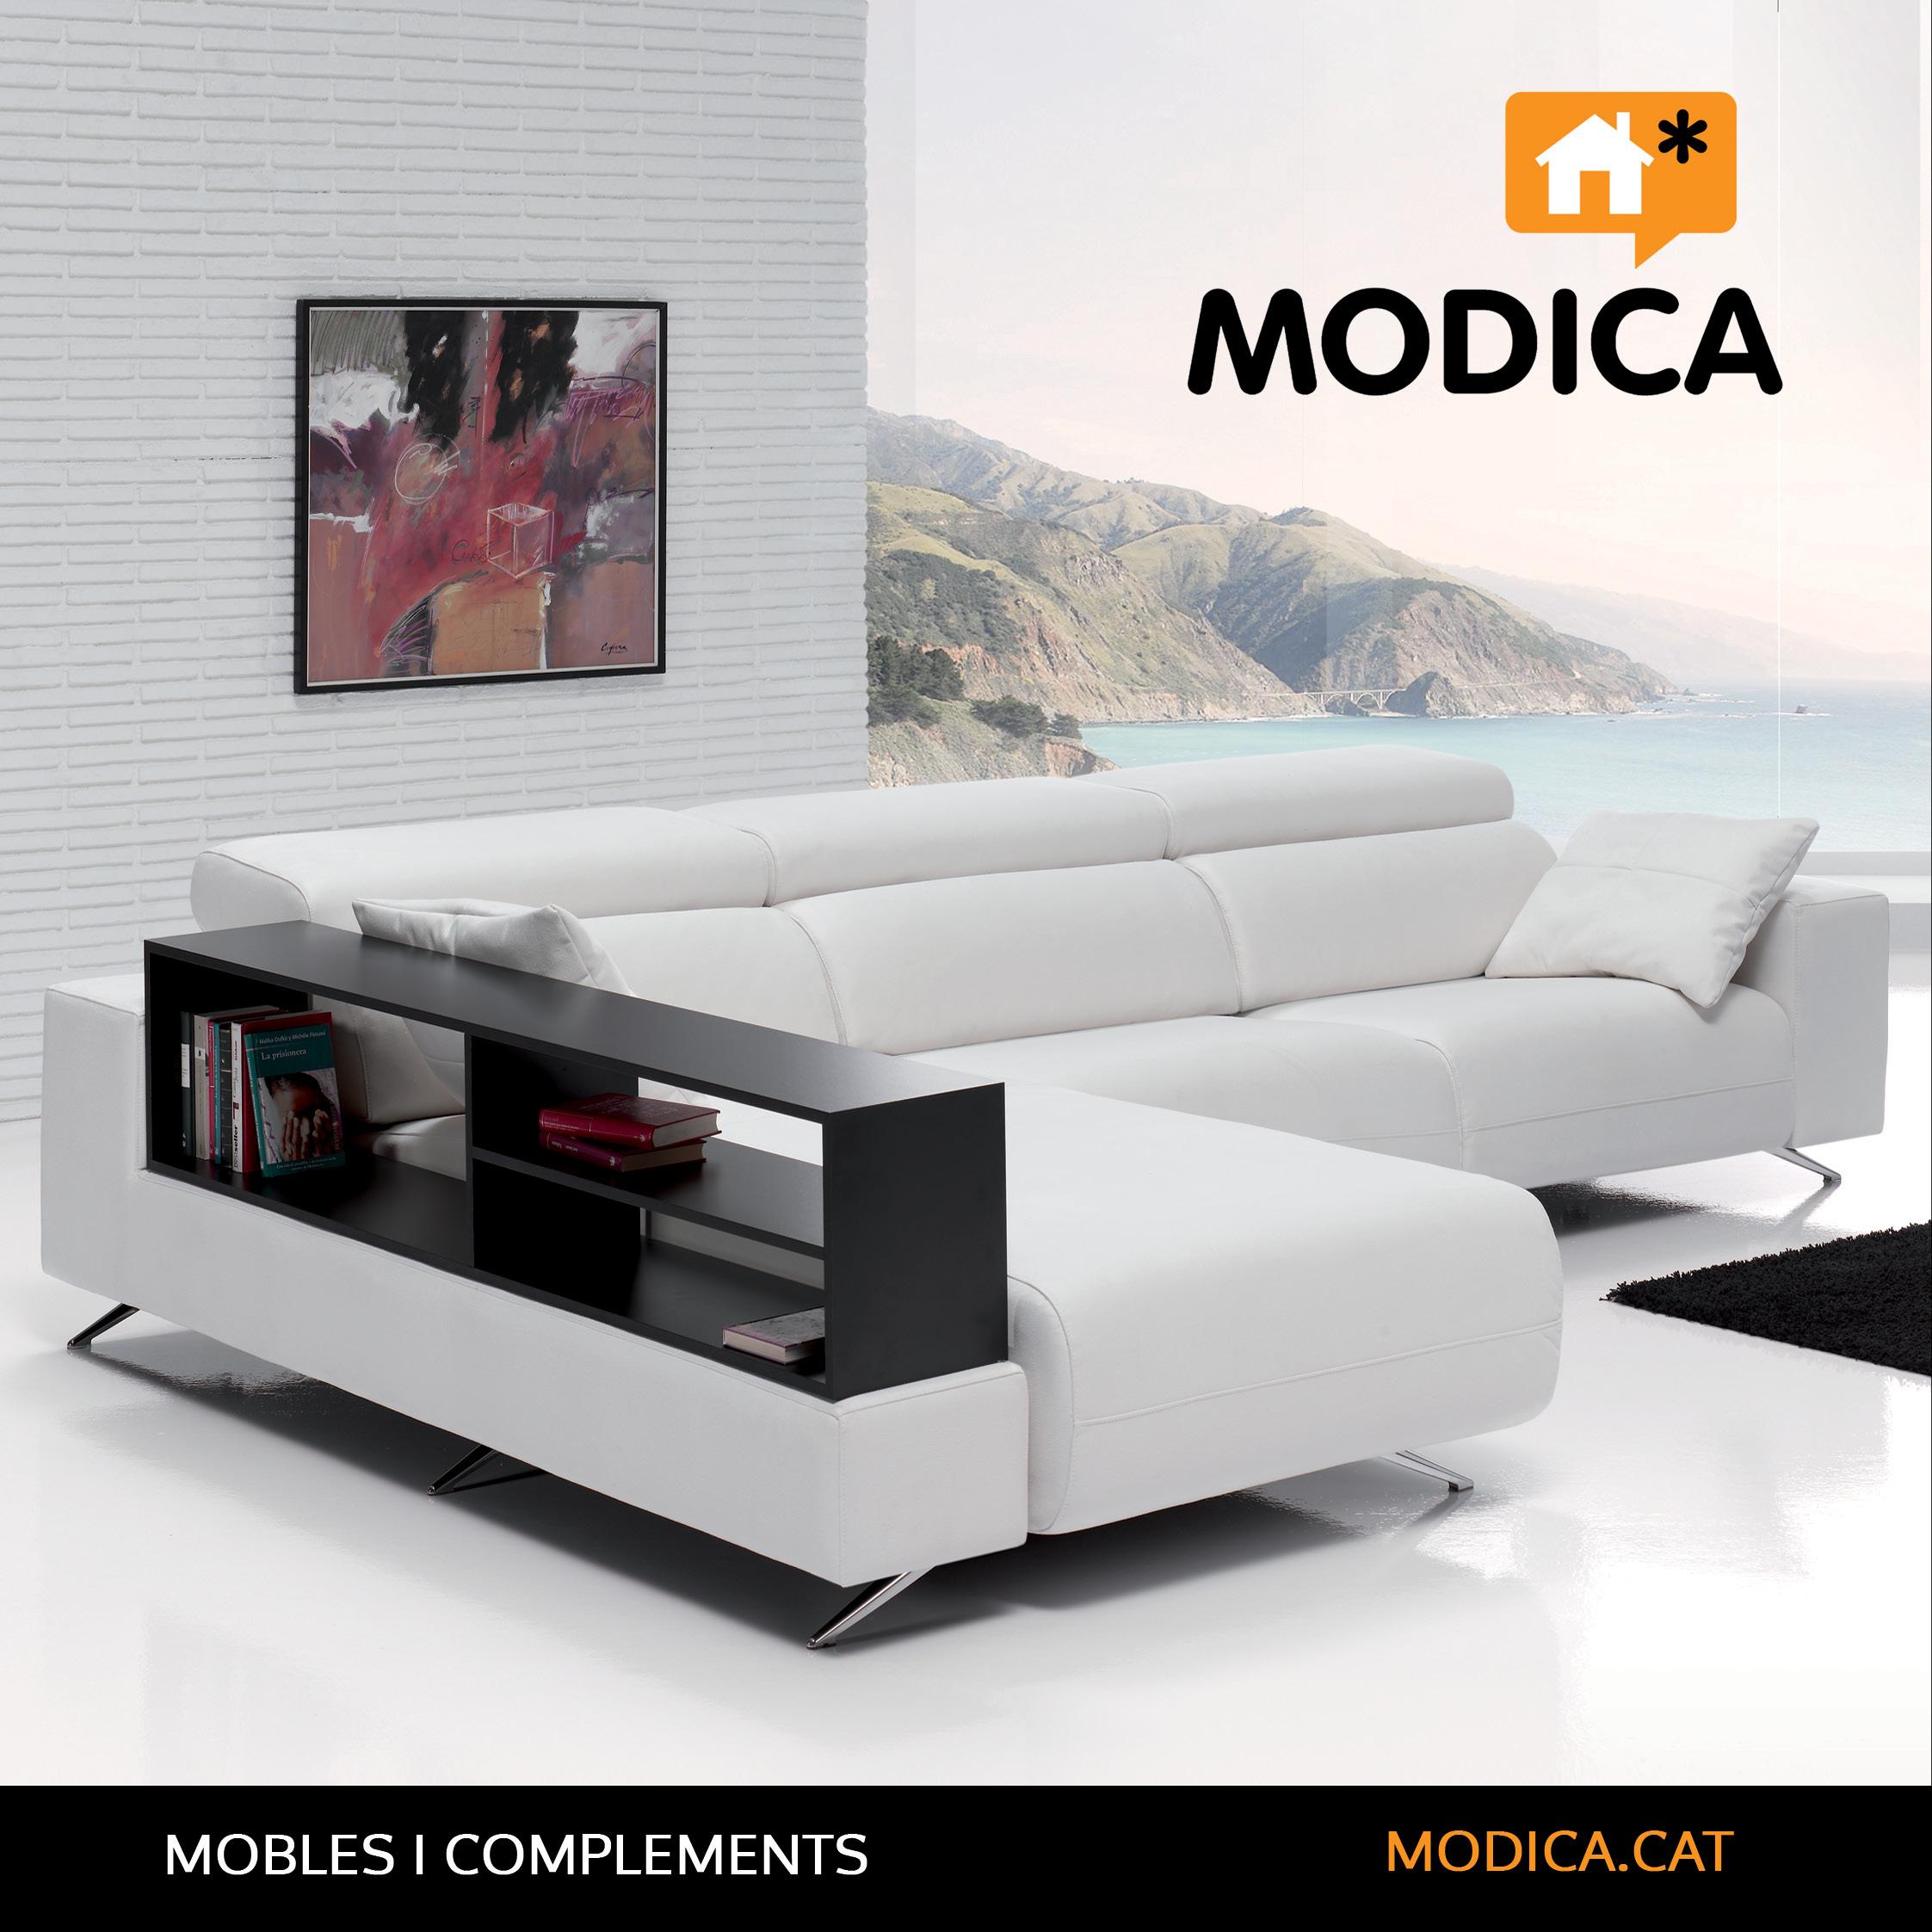 modica_mobles_complements_vilanova